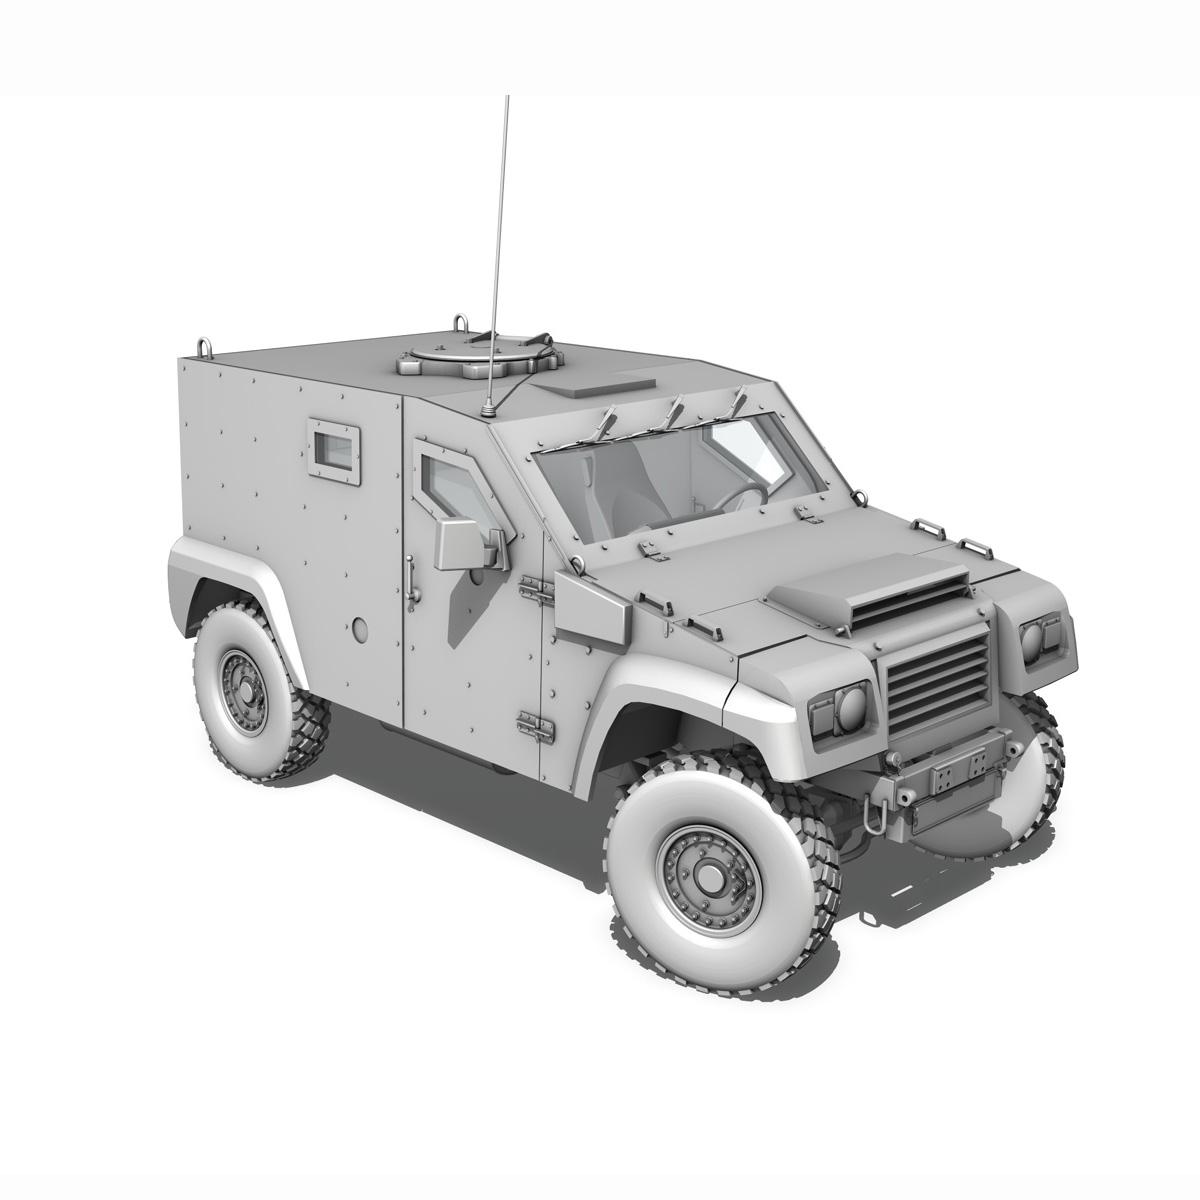 auverland panhard pvp – petit vehicule protege 3d model 3ds fbx c4d lwo obj 190129